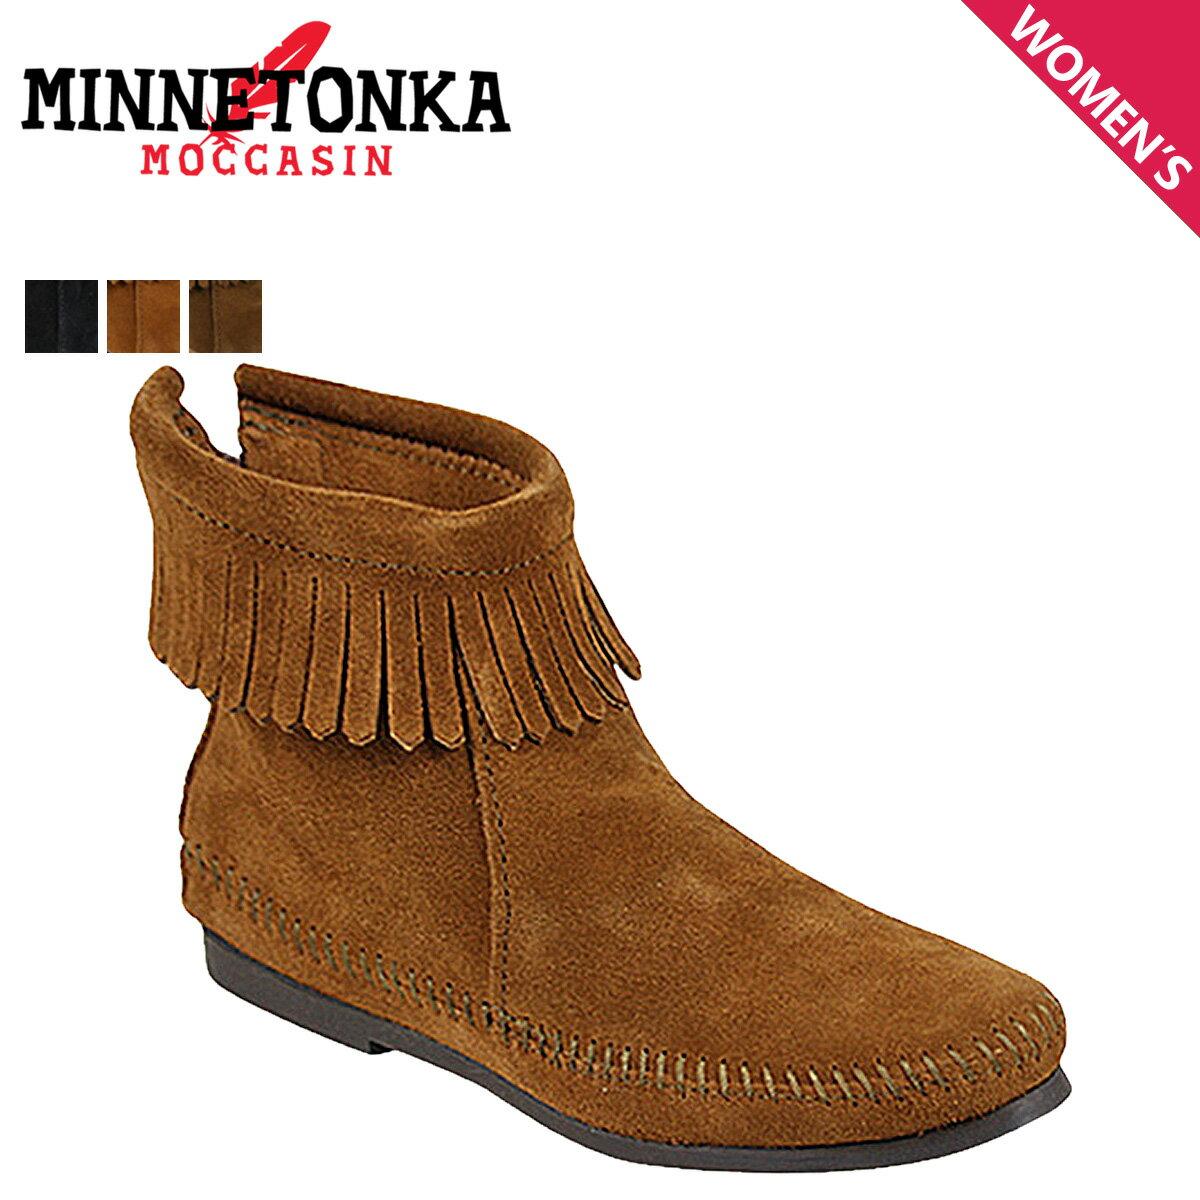 MINNETONKA ミネトンカ ブーツ バック ジッパー ブーツ ハードソール BACK ZIPPER BOOTS HARDSOLE レディース